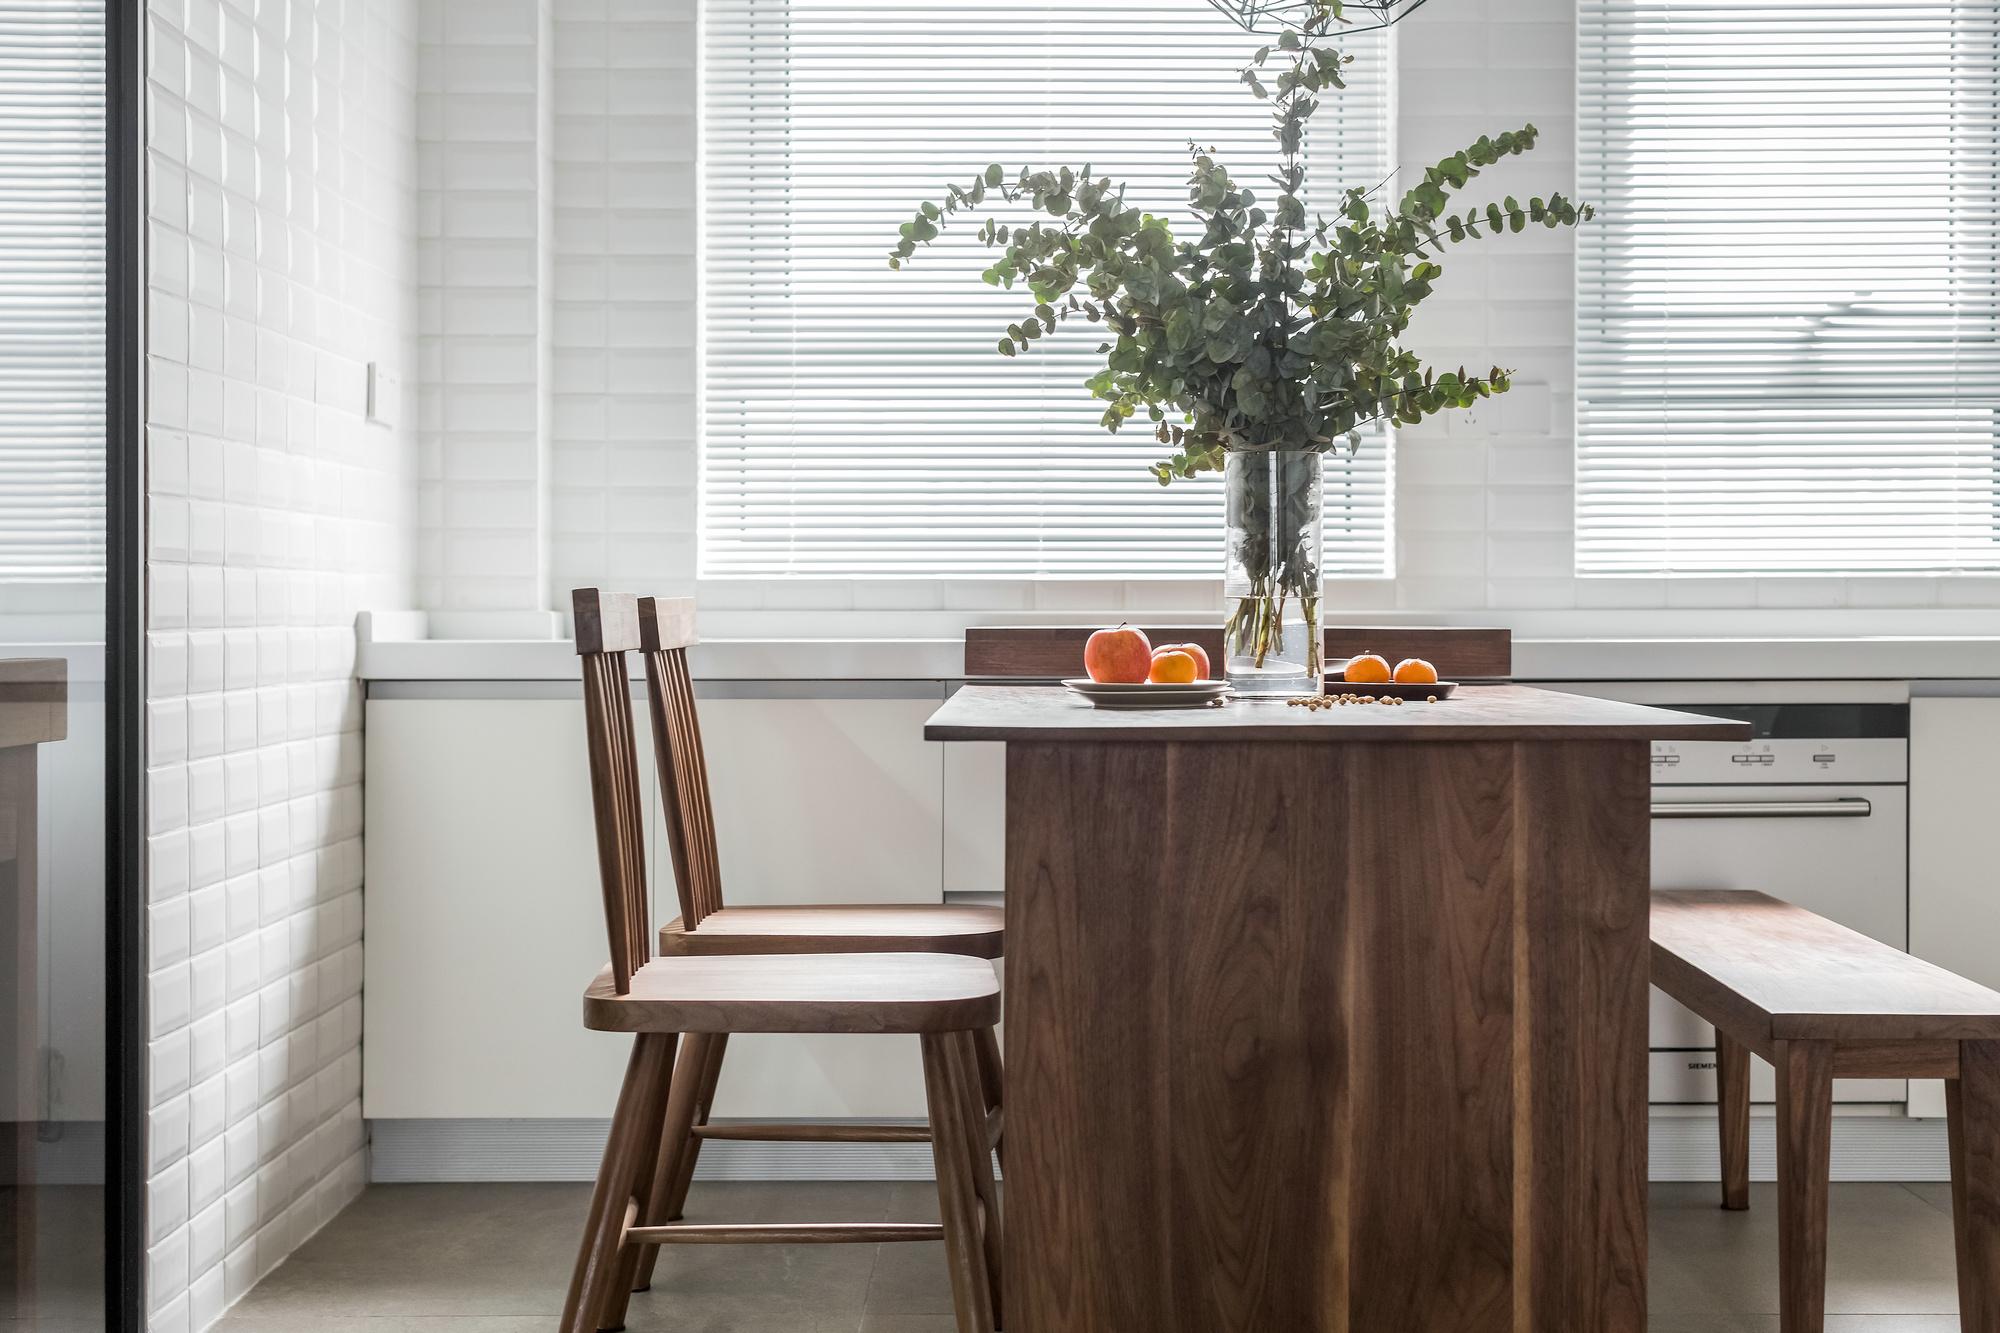 餐厅在客厅的旁边,与厨房在隔开区分空间。